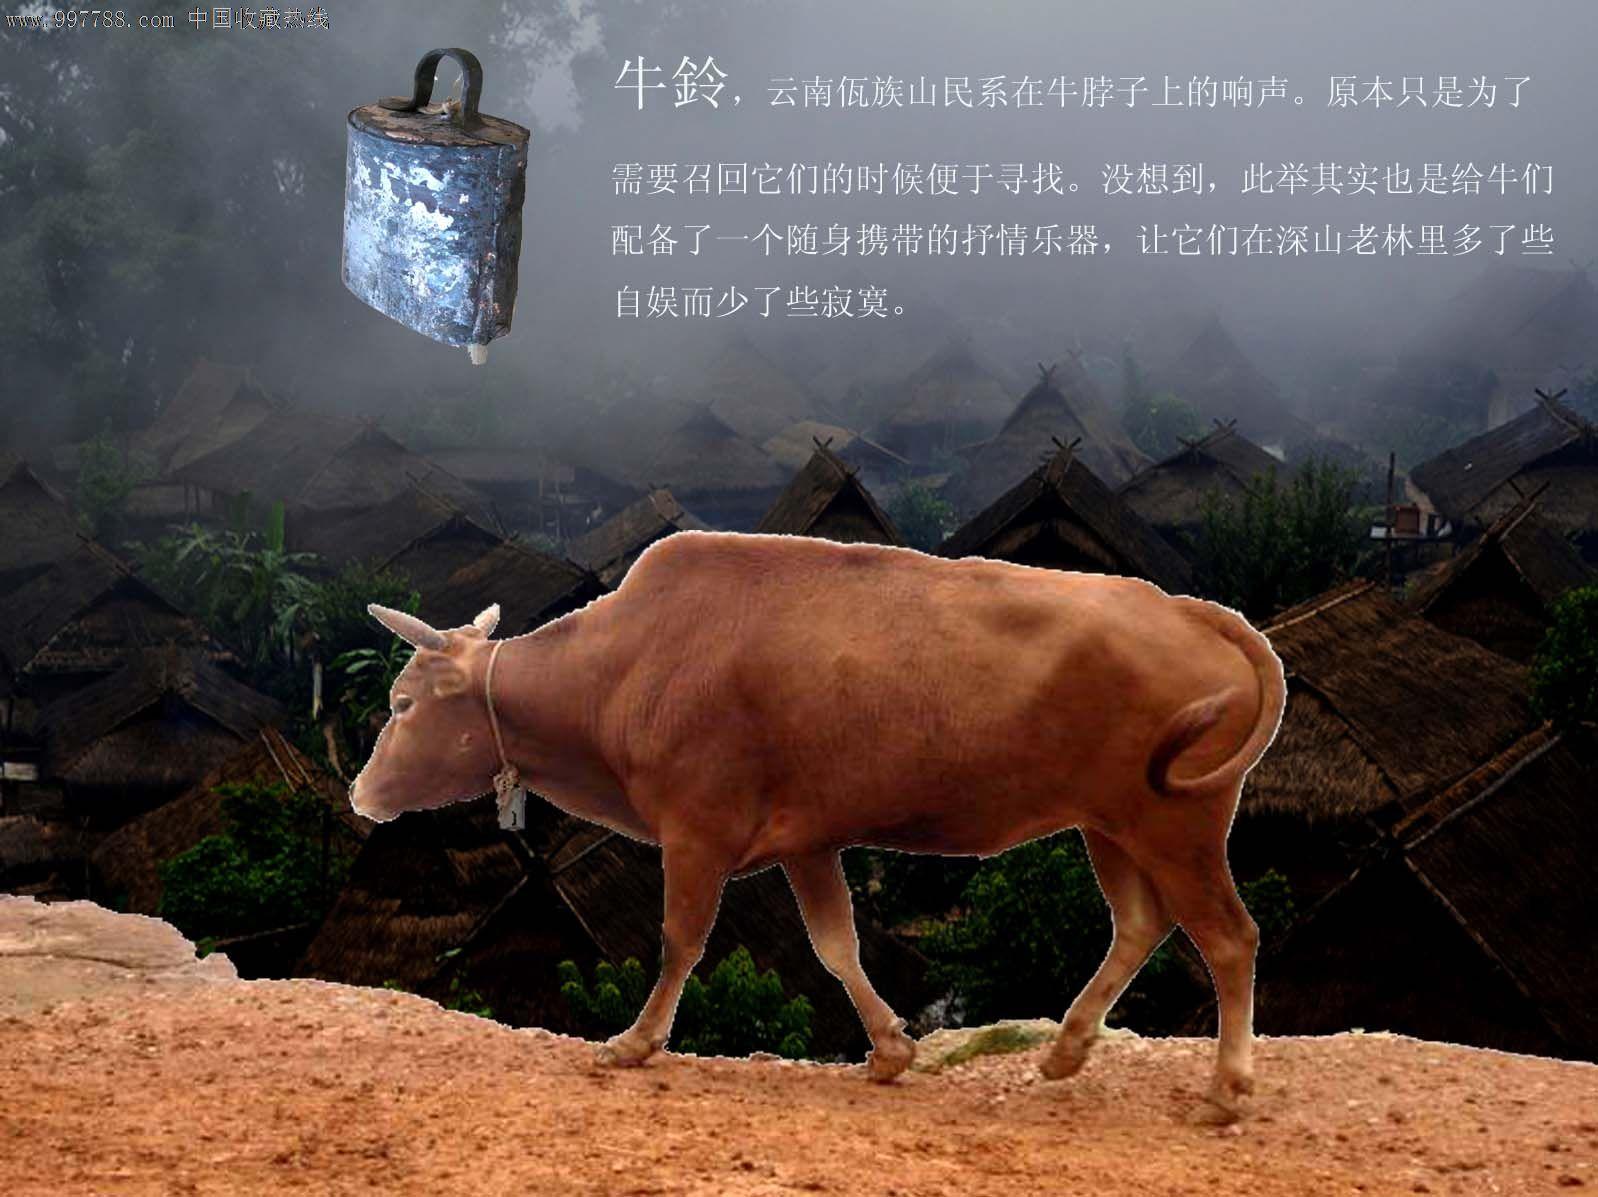 产地:云南临沧佤族村寨。使用价值:居室、环境民俗氛围的营造;民俗物品收藏;乐器;声响配音;牧牛实用。工艺:工艺是响声和耐用的品质保障。通过反复的锻烧;走铜和密配的黏合、音腔工艺;铃首通过铆钉与铃肩结合,并盘扣于铃裙。响声和美、幽远;个性化强,能辨声识牛。坚固耐用,抗腐防锈。